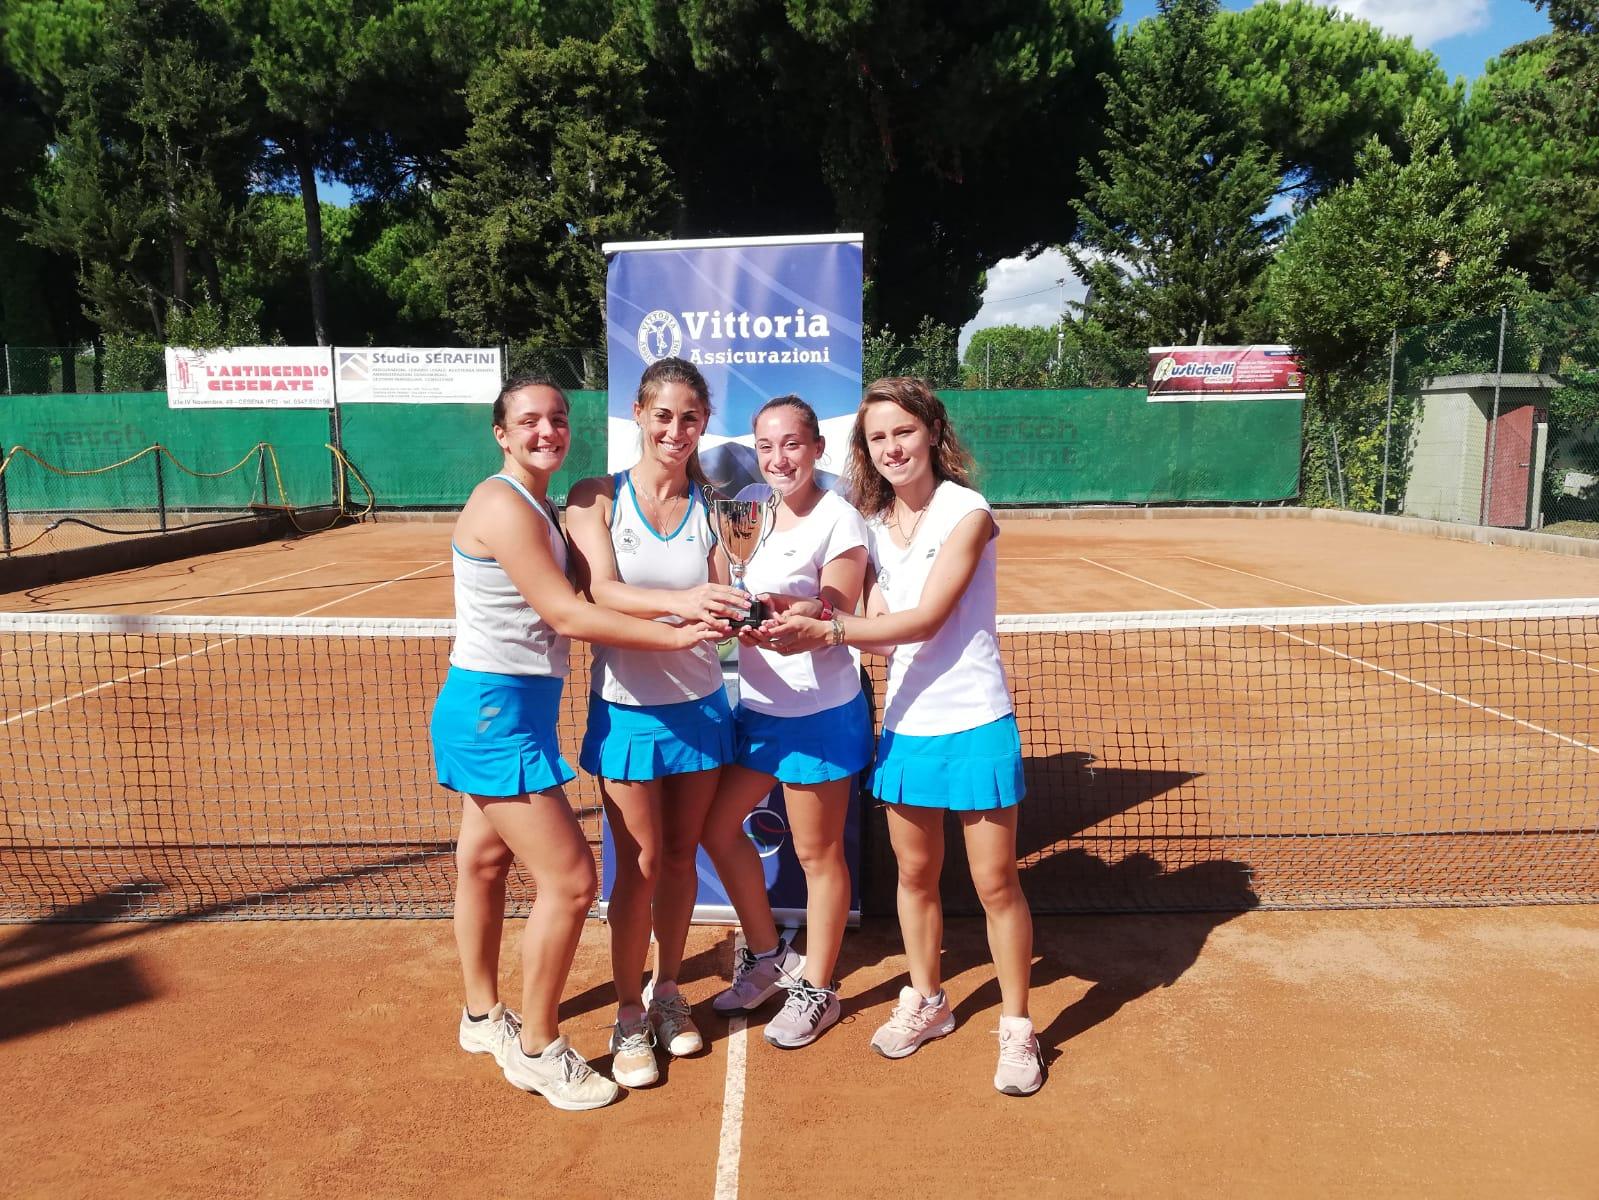 TROFEO FIT 2019: LO SPORTING AL SECONDO POSTO IN ITALIA